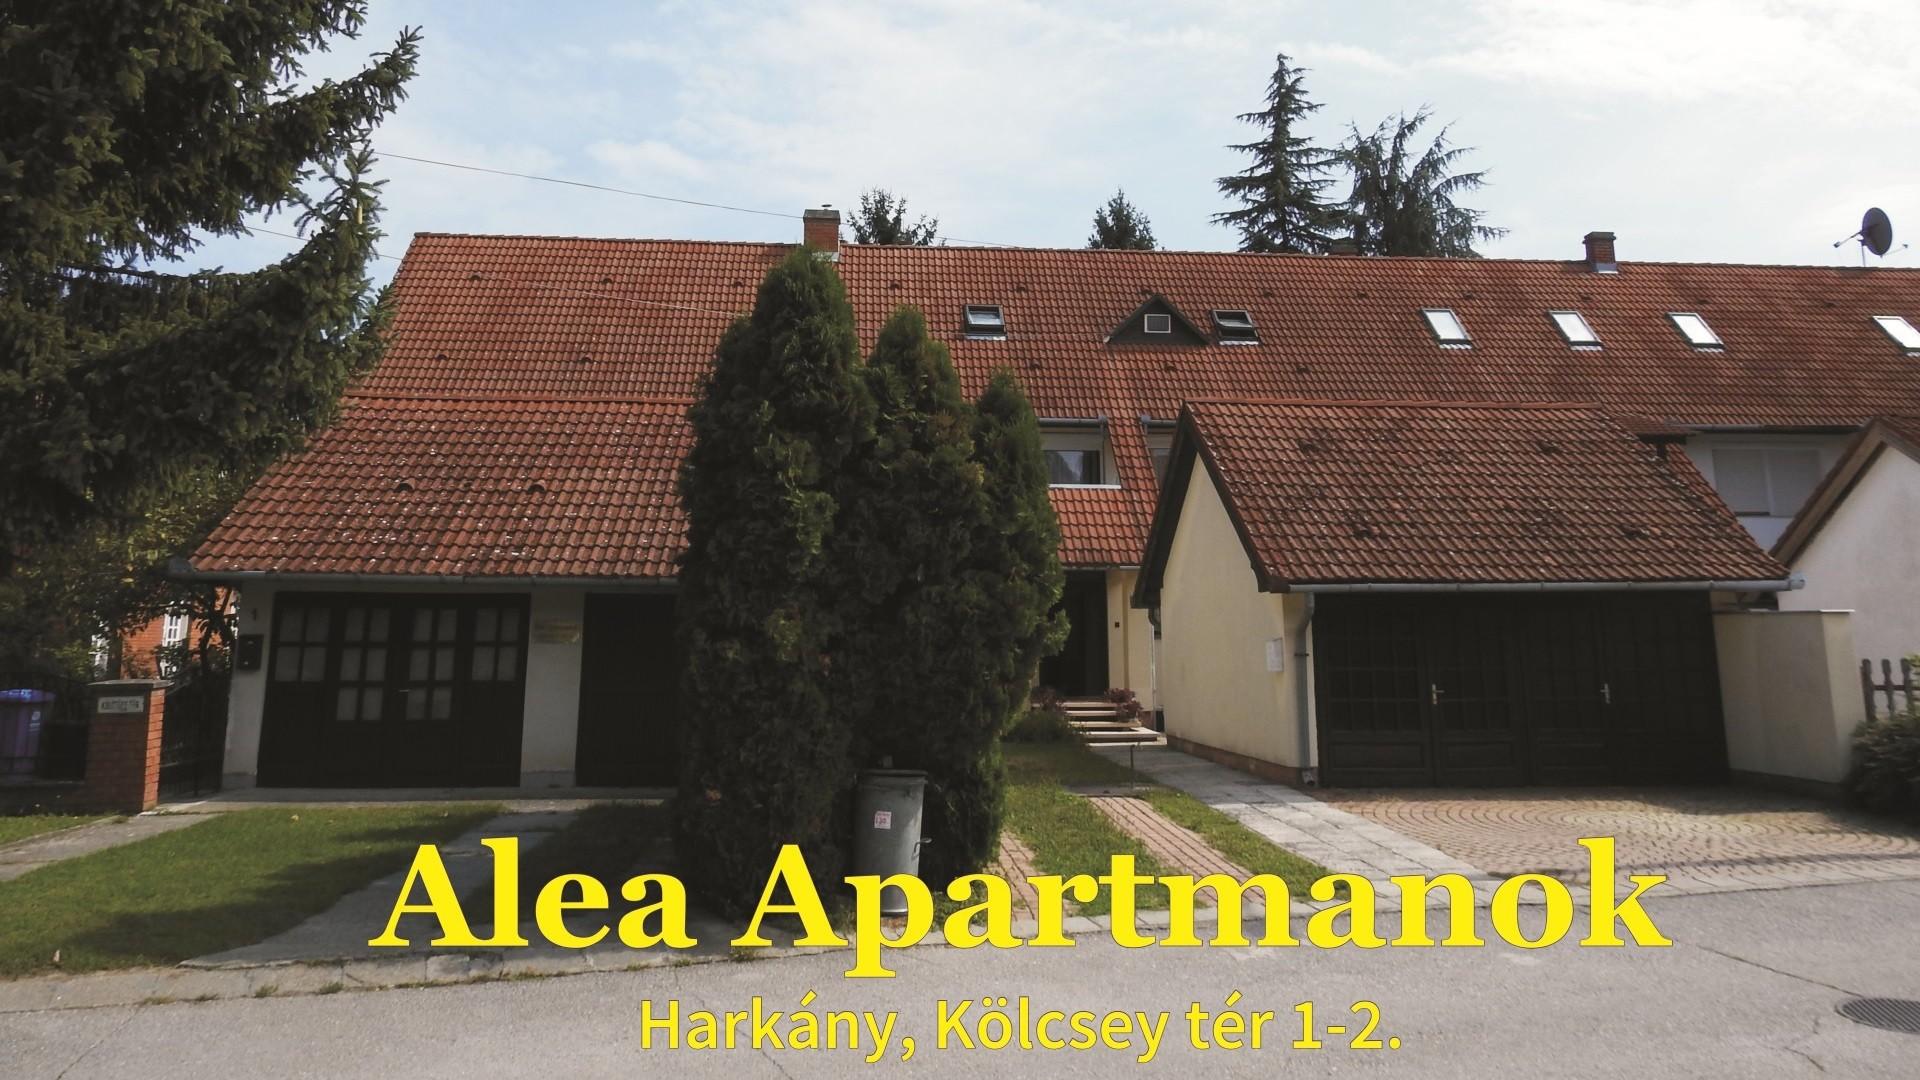 apartman Harkány, harkányi apartman, apartmanok Harkány, harkányi apartmanok, Alea apartman, Alea apartman Harkány